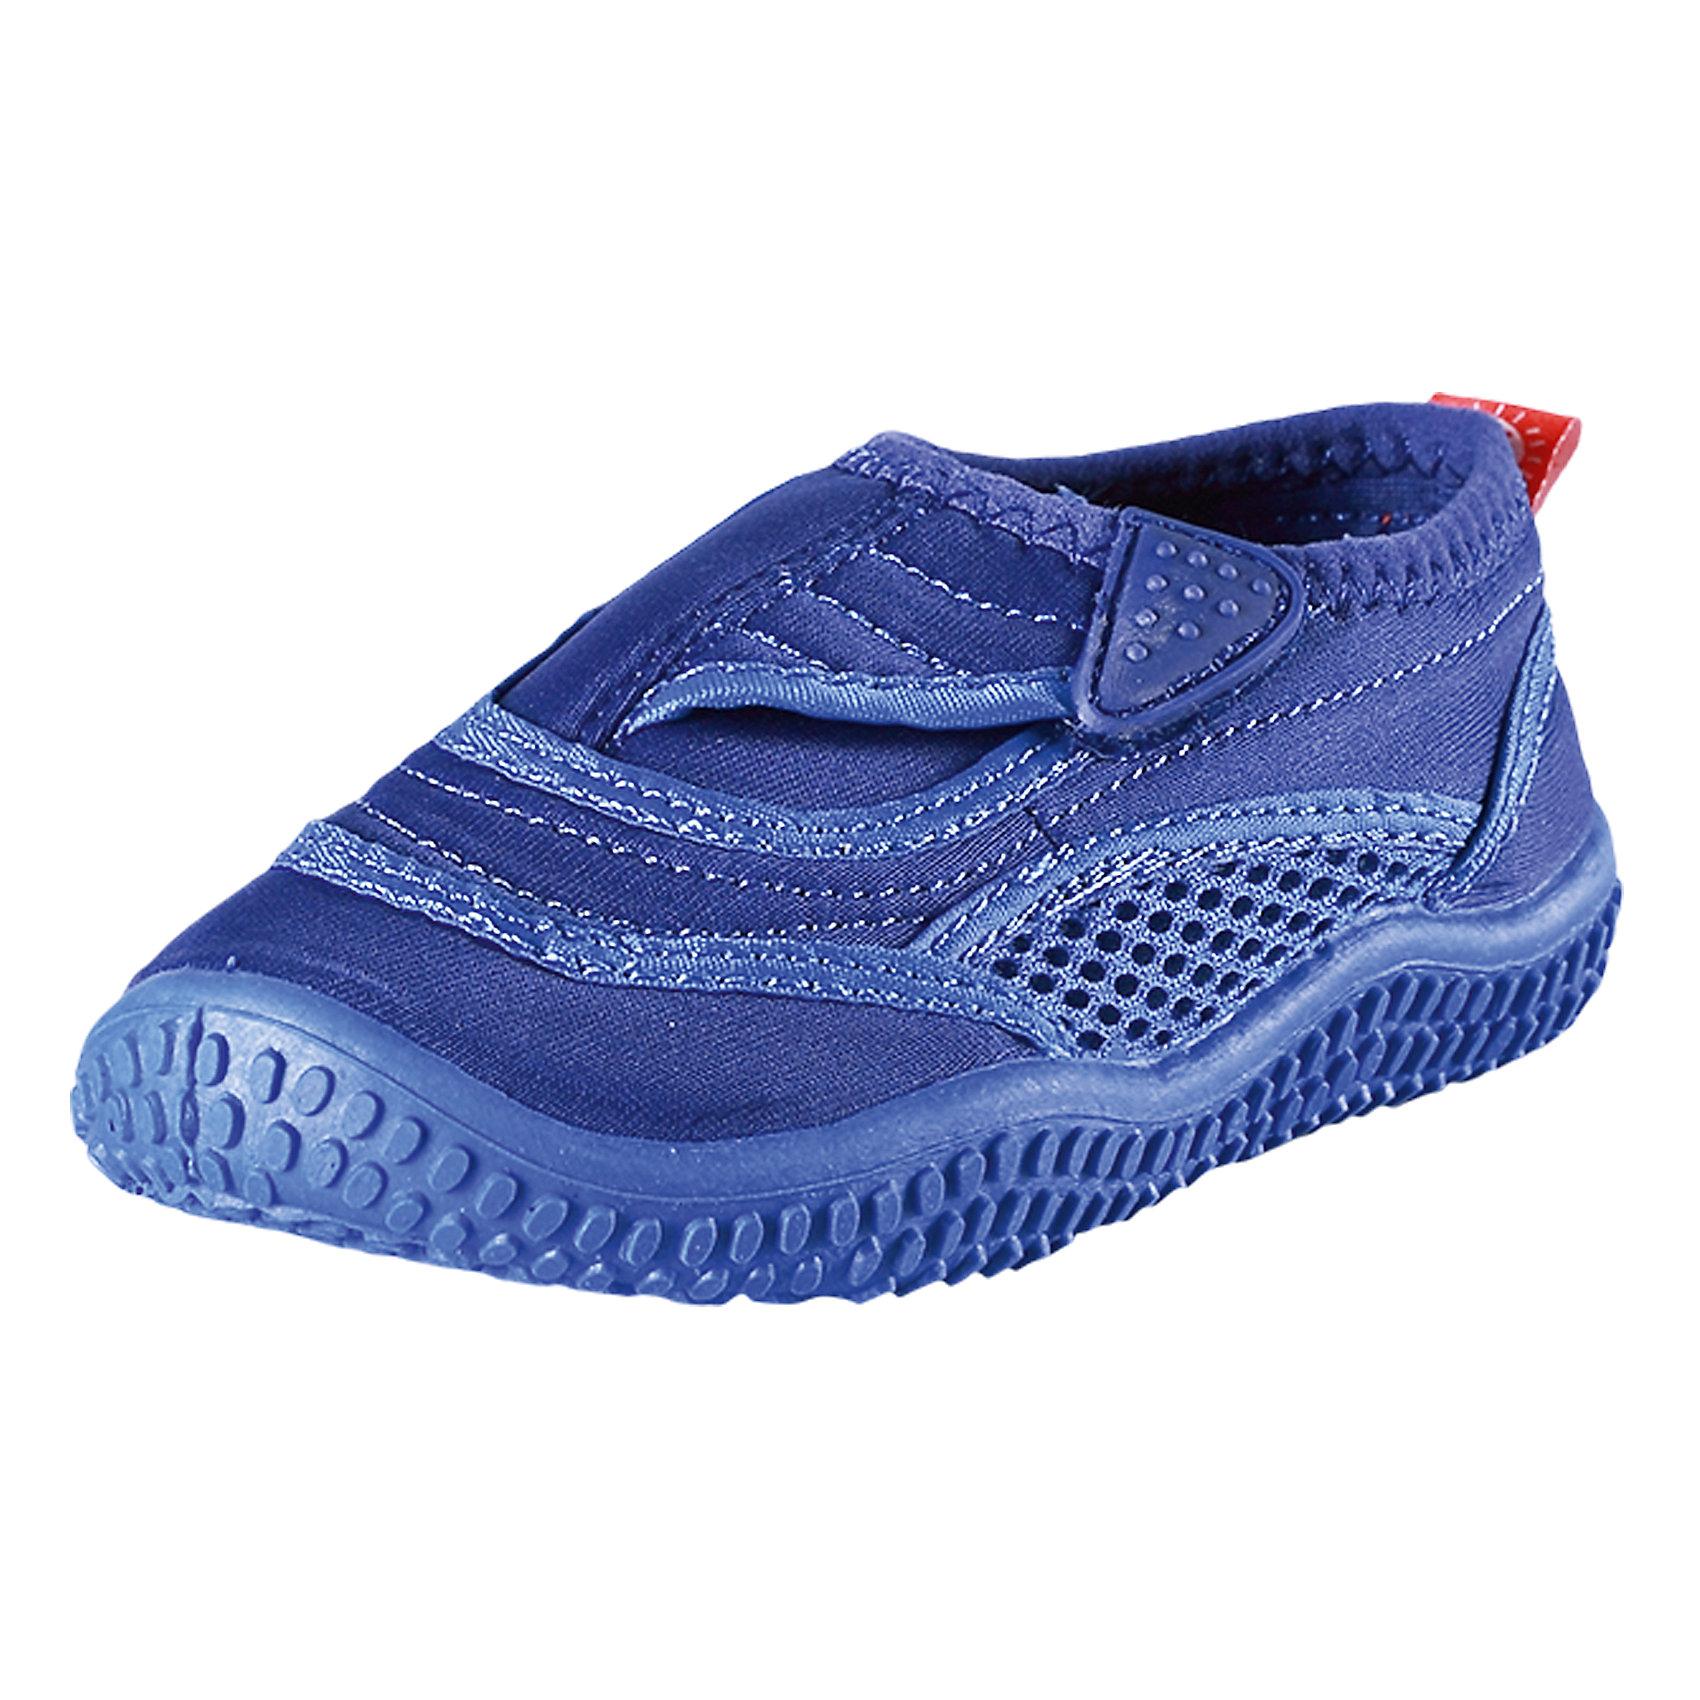 Коралловые тапочки Aqua для плавания ReimaЛови волну<br>Характеристики товара:<br><br>• цвет: синий<br>• состав: верх - ПЭ, подошва - термопластичная резина<br>• застежка: липучка<br>• устойчивая легкая подошва ЭВА<br>• модель из солнцезащитного материала SunProof<br>• съемные стельки с рисунком Happy Fit, помогающие определить размер<br>• фактор защиты от ультрафиолета: 50+<br>• хорошее сцепление с поверхностью<br>• можно стирать в машине при температуре 30 °C<br>• страна производства: Китай<br>• страна бренда: Финляндия<br>• коллекция: весна-лето 2017<br><br>Детская обувь может быть модной и комфортной одновременно! Удобные стильные сандали для плавания помогут обеспечить ребенку комфорт и дополнить наряд. Они отлично смотрятся с различной одеждой. Сандали для плавания удобно сидят на ноге и аккуратно смотрятся. Легко чистятся и долго служат. Продуманная конструкция разрабатывалась специально для детей.<br><br>Одежда и обувь от финского бренда Reima пользуется популярностью во многих странах. Эти изделия стильные, качественные и удобные. Для производства продукции используются только безопасные, проверенные материалы и фурнитура. Порадуйте ребенка модными и красивыми вещами от Reima! <br><br>Сандали для плавания от финского бренда Reima (Рейма) можно купить в нашем интернет-магазине.<br><br>Ширина мм: 227<br>Глубина мм: 145<br>Высота мм: 124<br>Вес г: 325<br>Цвет: синий<br>Возраст от месяцев: 21<br>Возраст до месяцев: 24<br>Пол: Мужской<br>Возраст: Детский<br>Размер: 31,32,30,27,25,26,33,36,34,28,35,29,37,38,24<br>SKU: 5266933